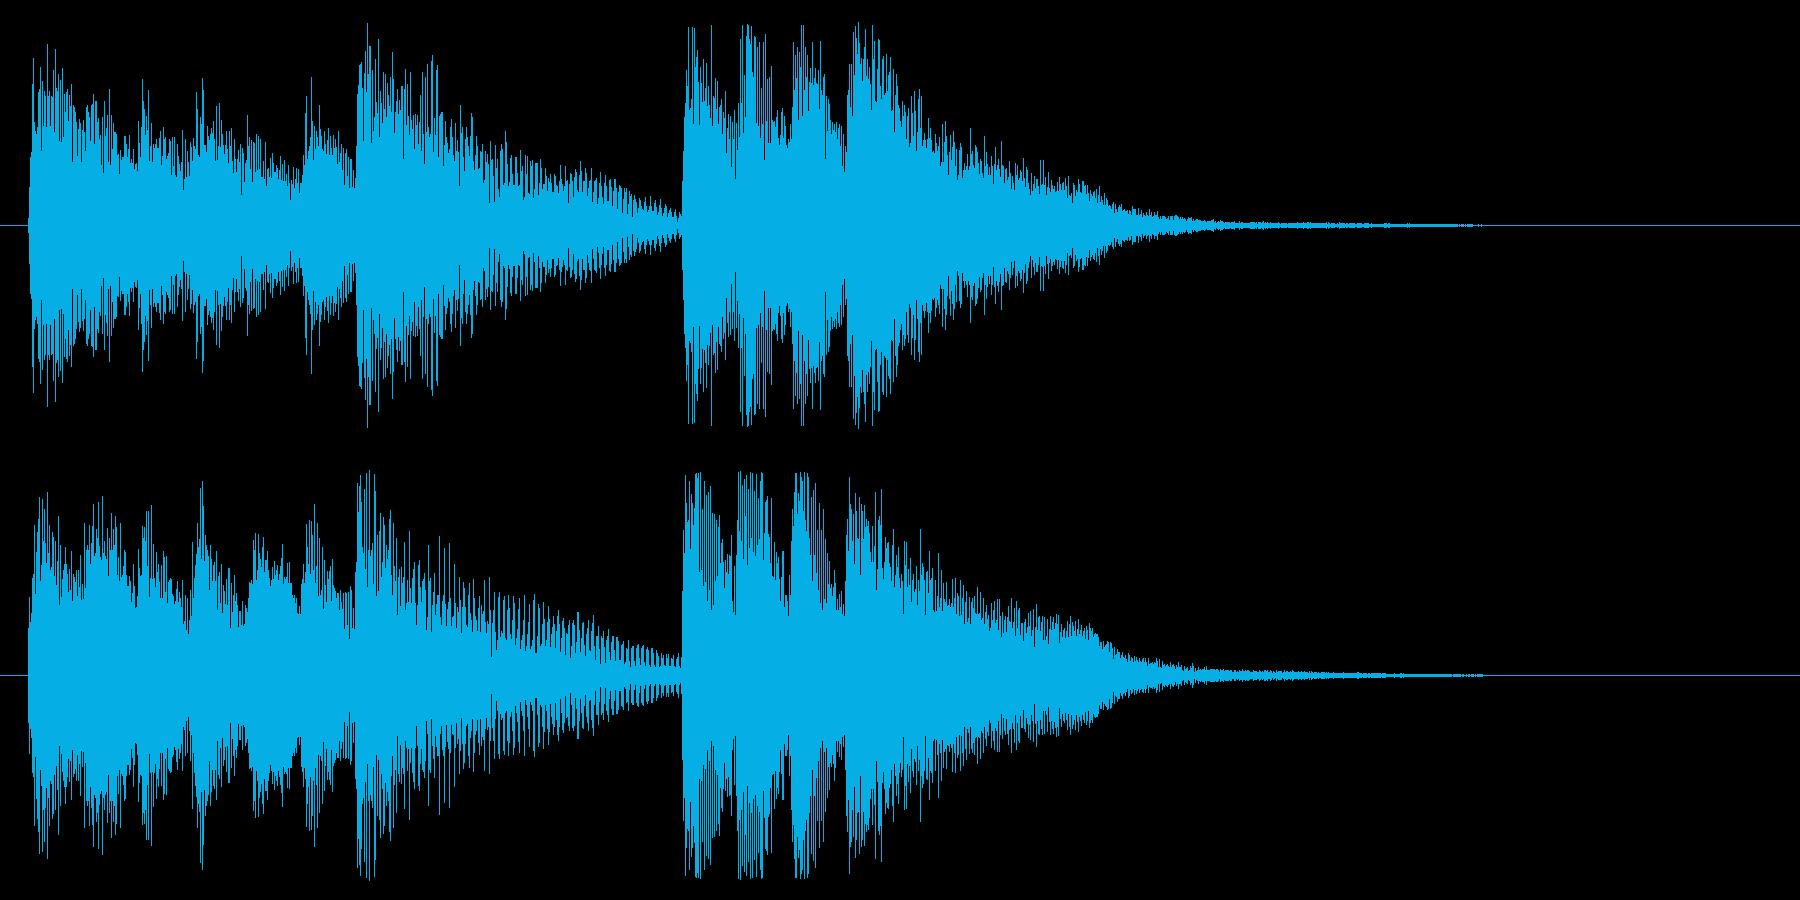 フュージョン的なピアノジングルの再生済みの波形